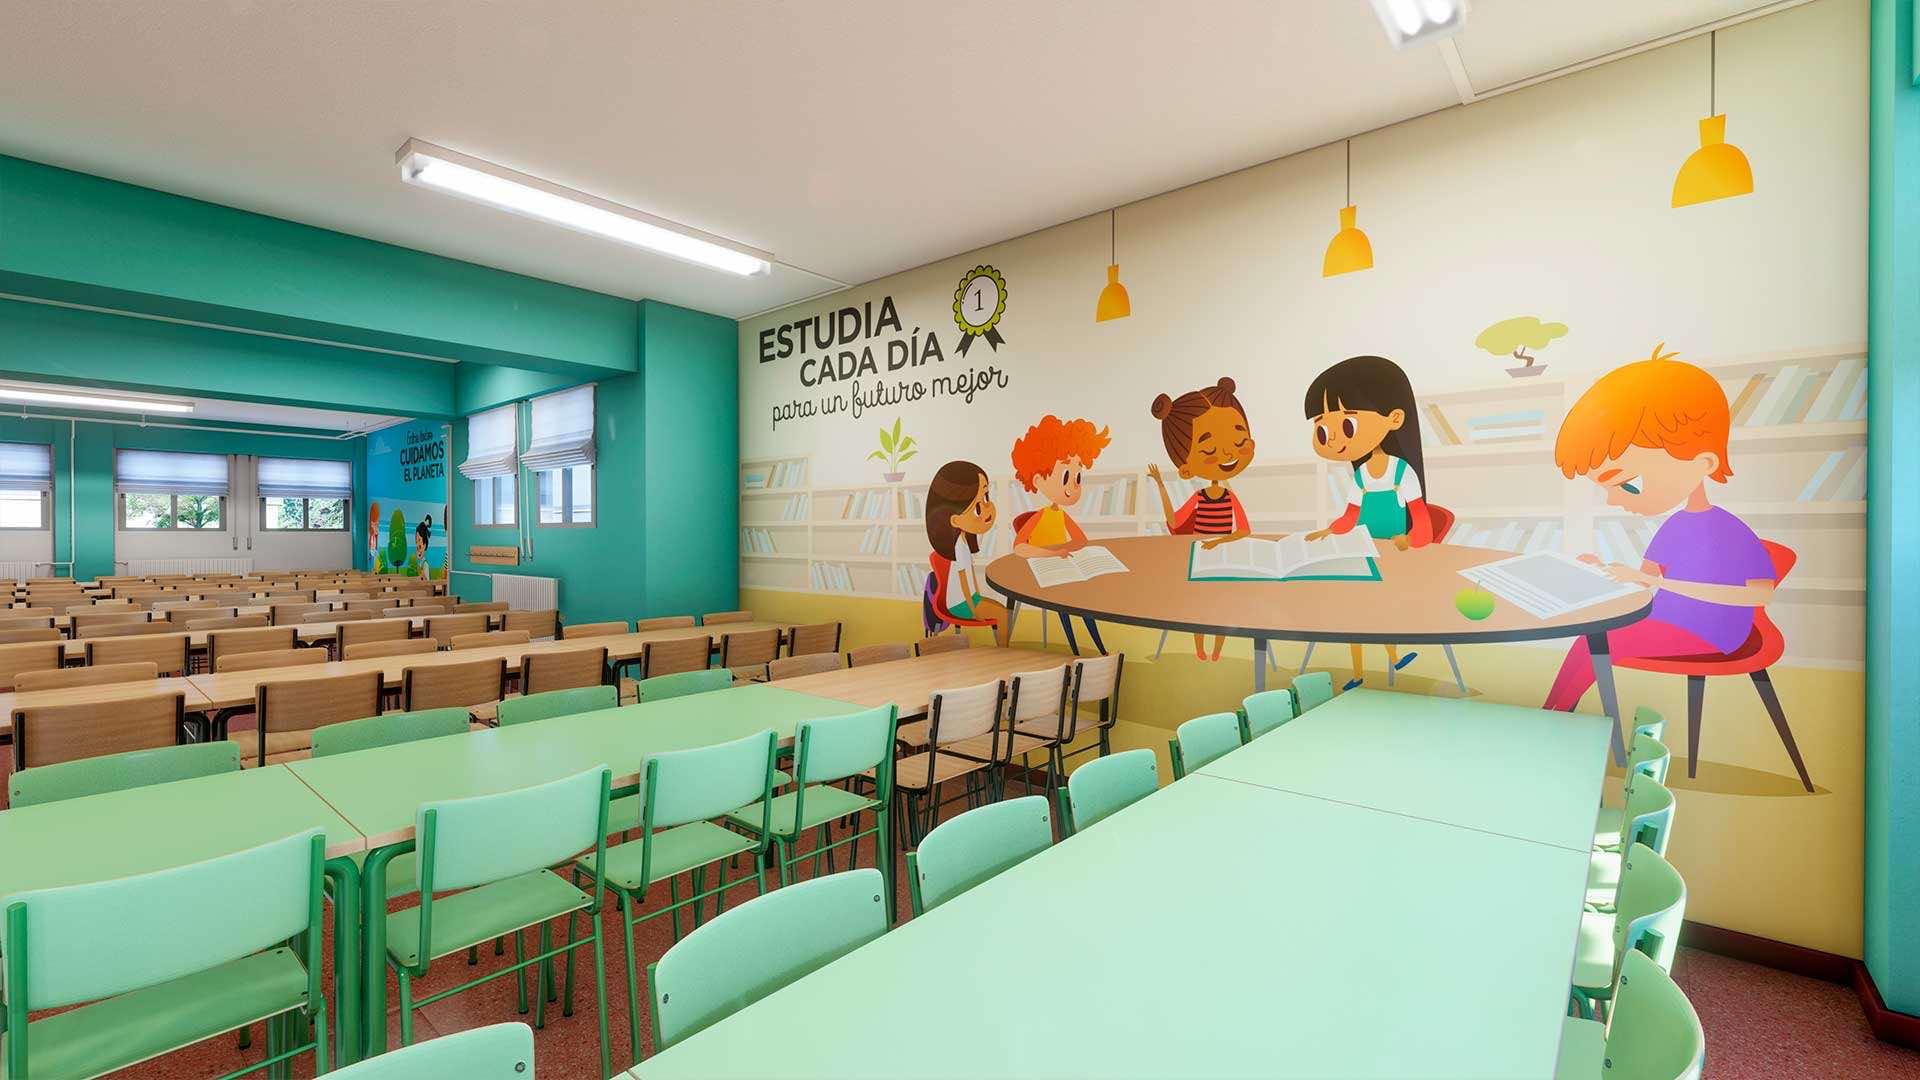 Diseño 3D para comedores escolares y Diseño gráfico | Diseño web ...